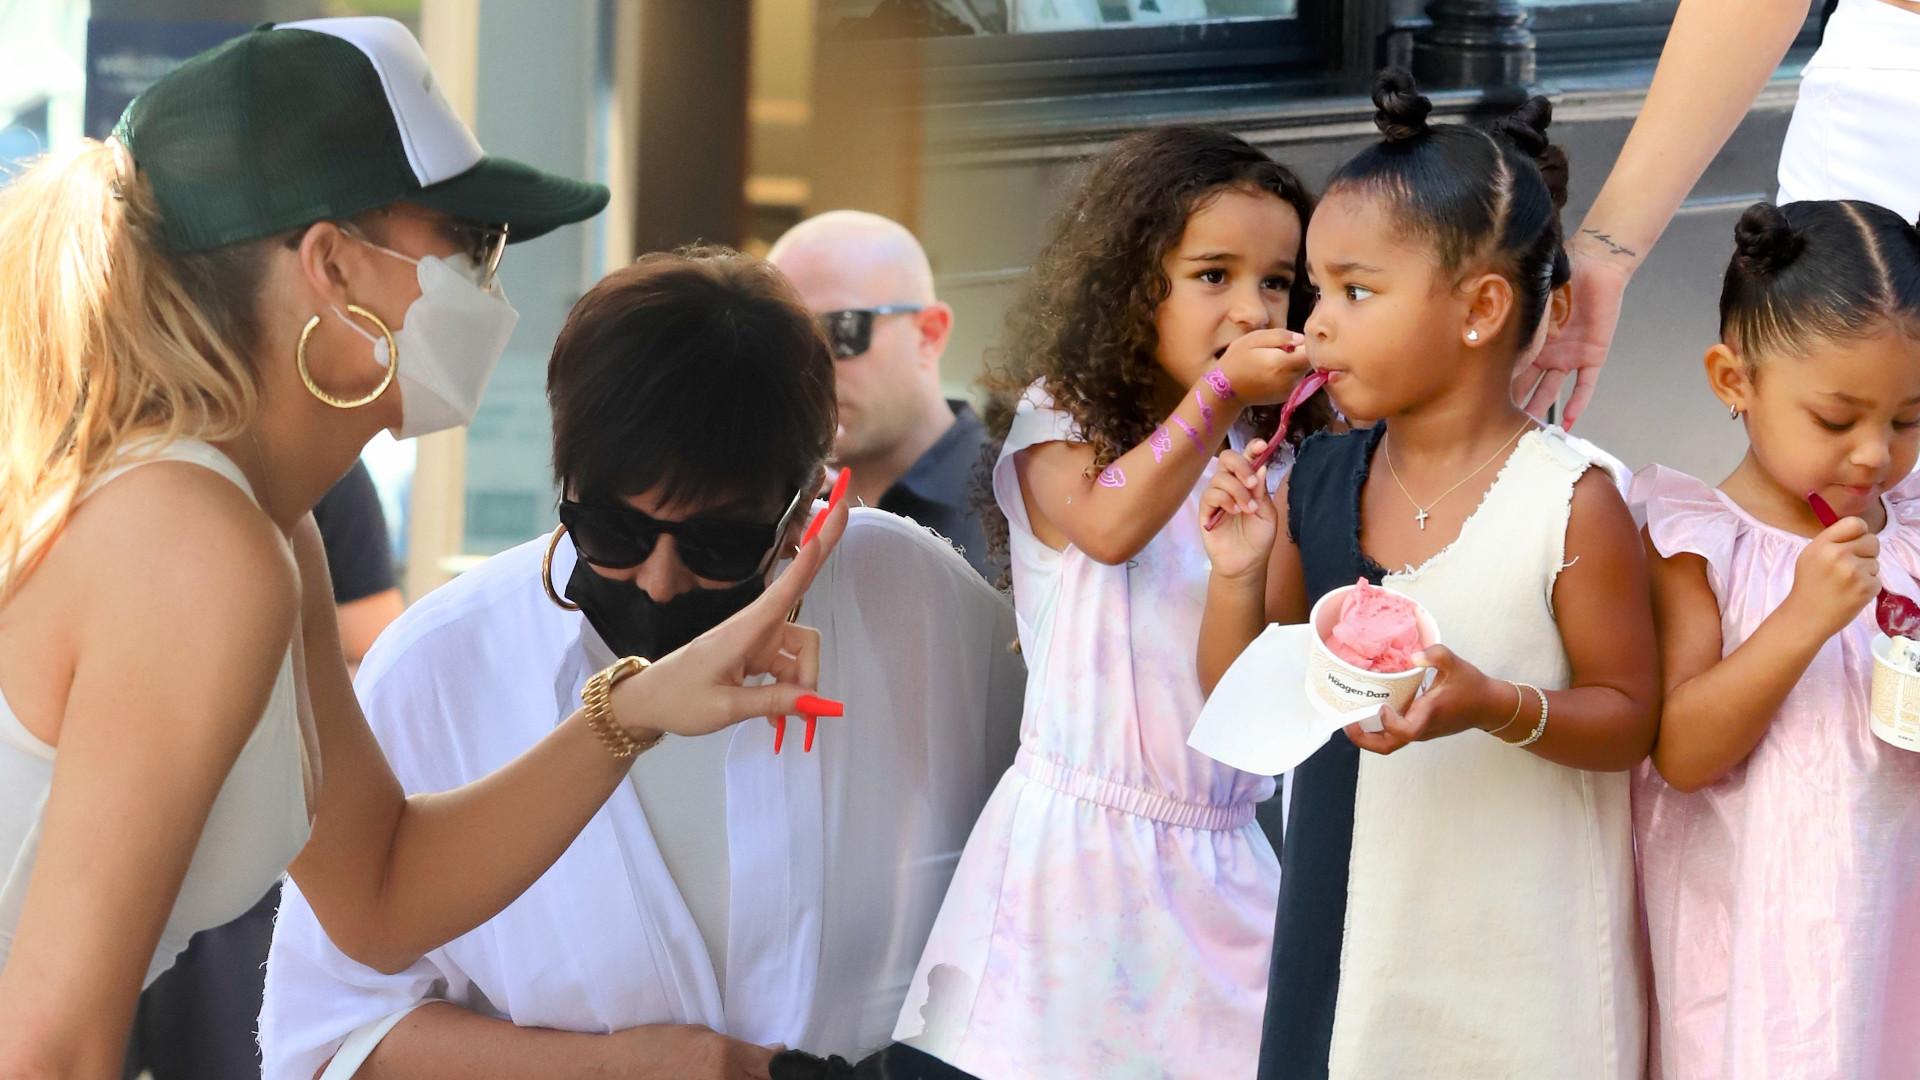 Khloe Kardashian z mamą ogarniają CZWÓRKĘ dzieci. Niełatwe zadanie (ZDJĘCIA)